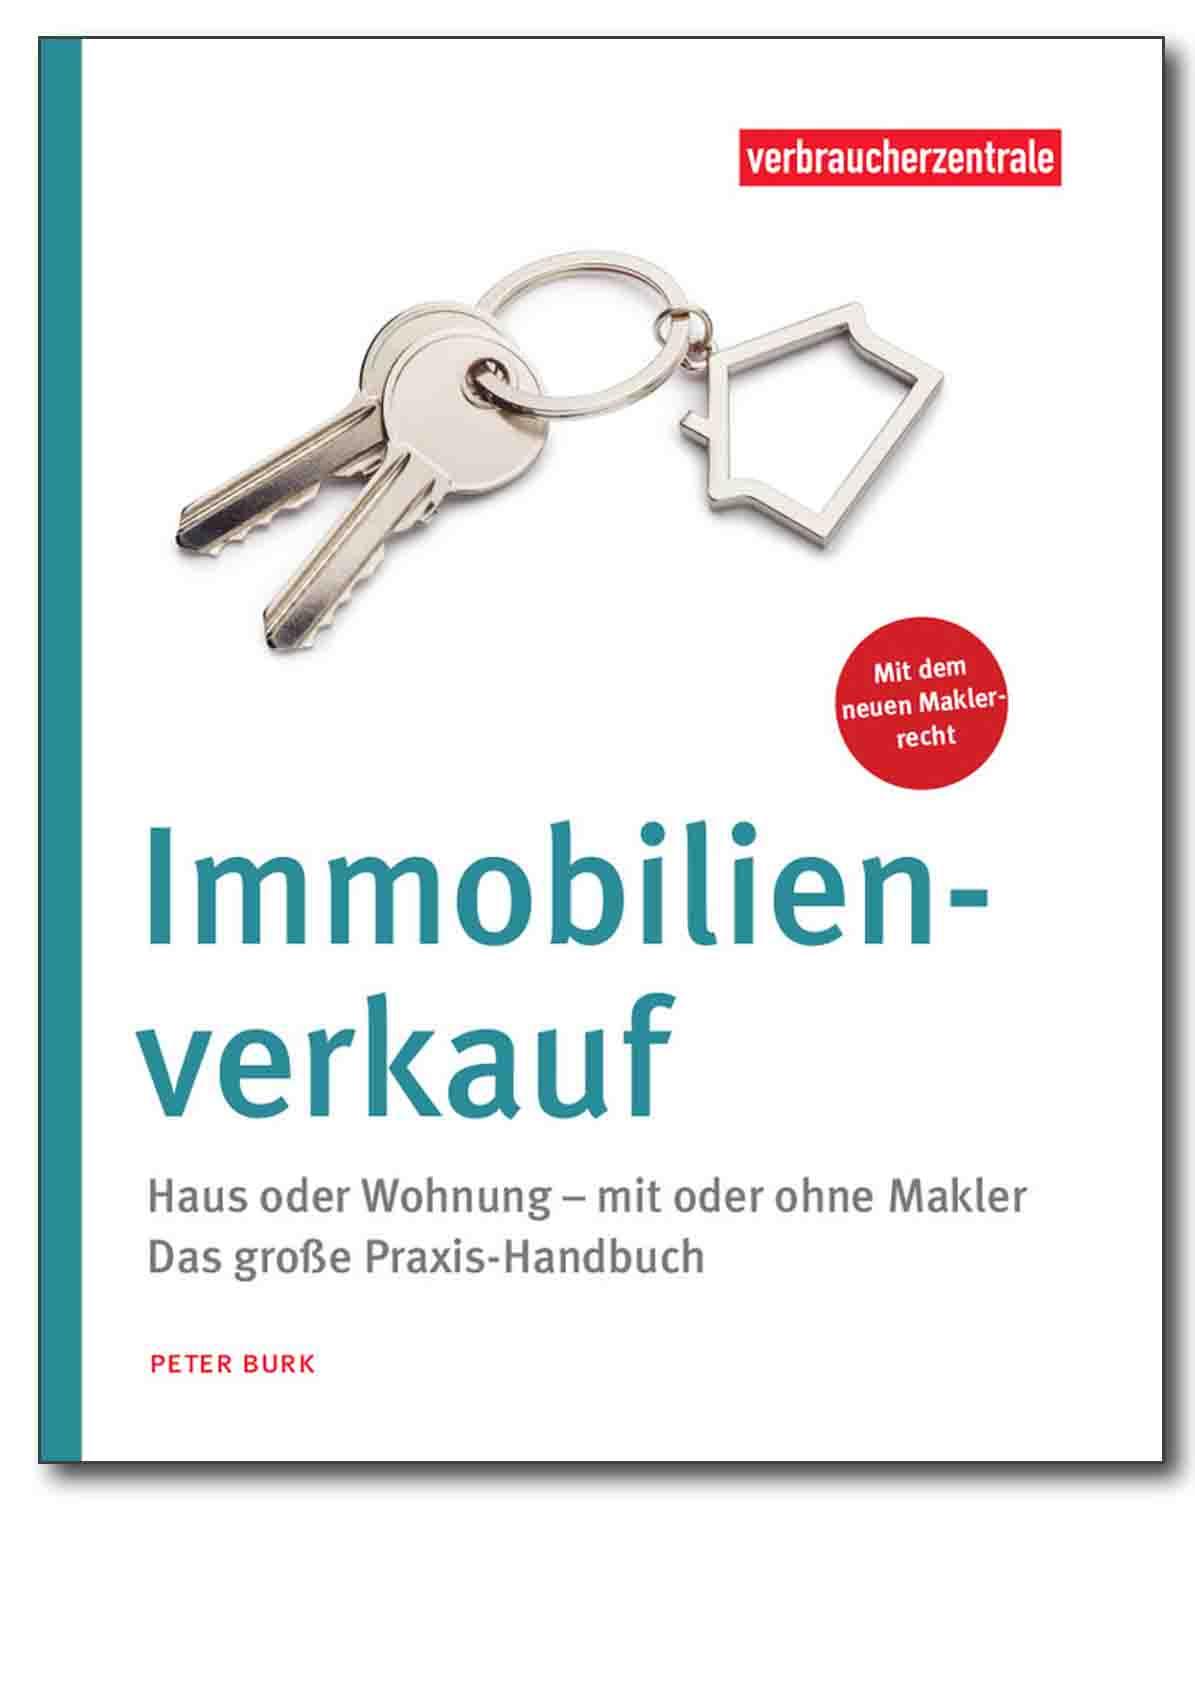 Buch - Immobilienverkauf - Shop Verbraucherzentrale